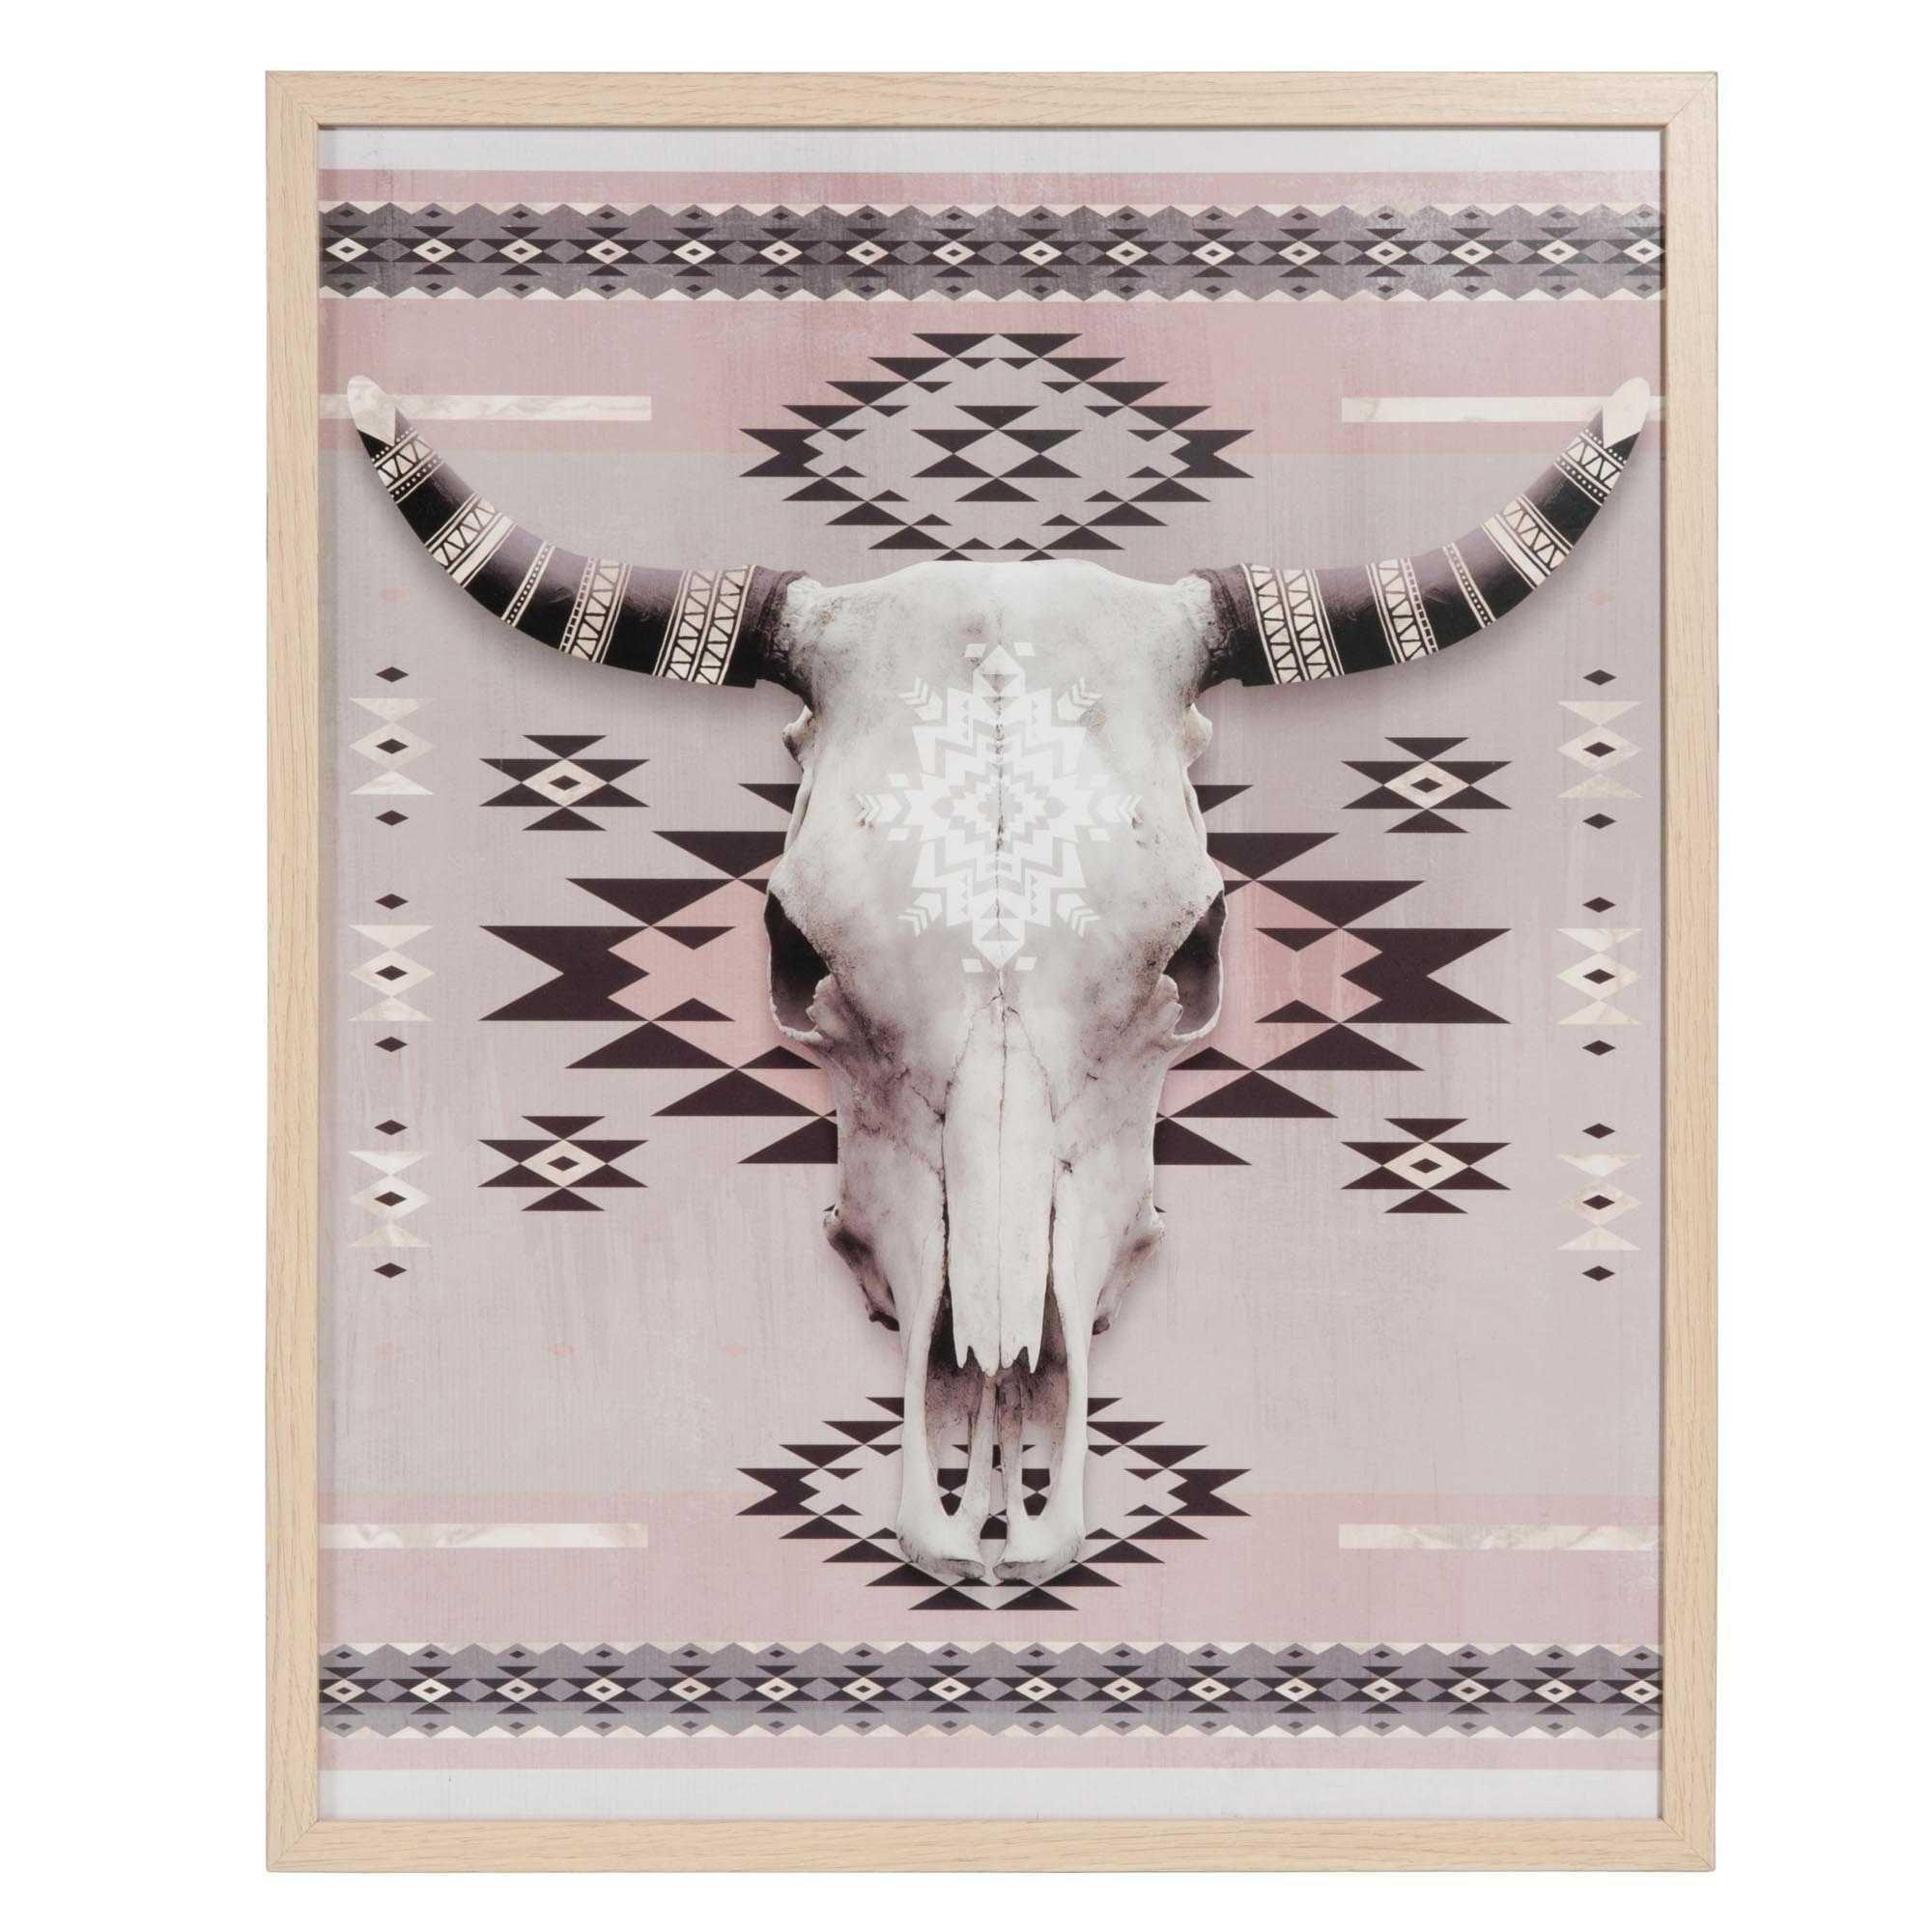 tableau t te de buffle motifs ethniques 40x50cm white. Black Bedroom Furniture Sets. Home Design Ideas